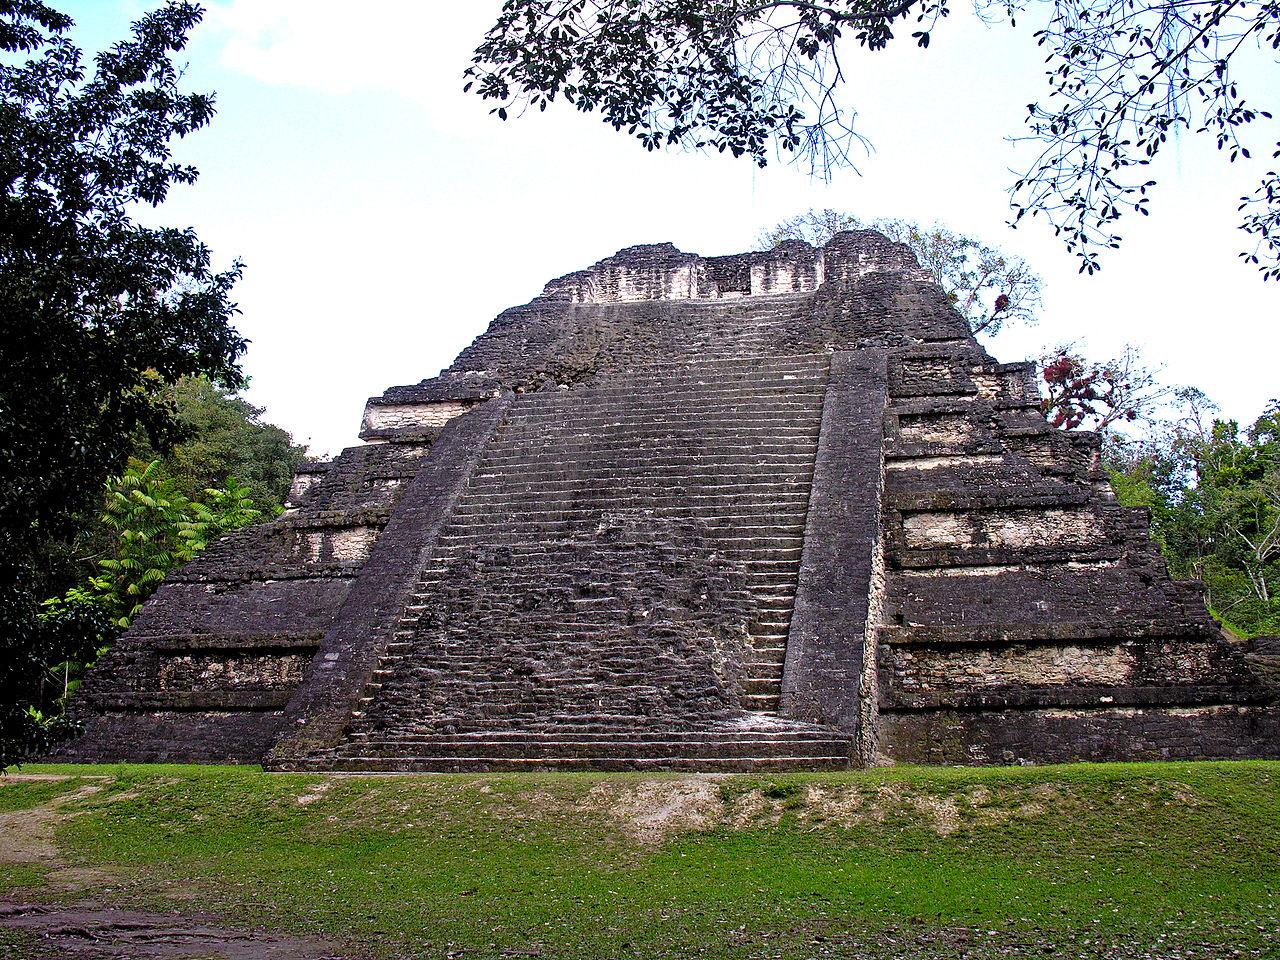 Resuelto El Misterio De Tikal Una De Las Mayores Capitales